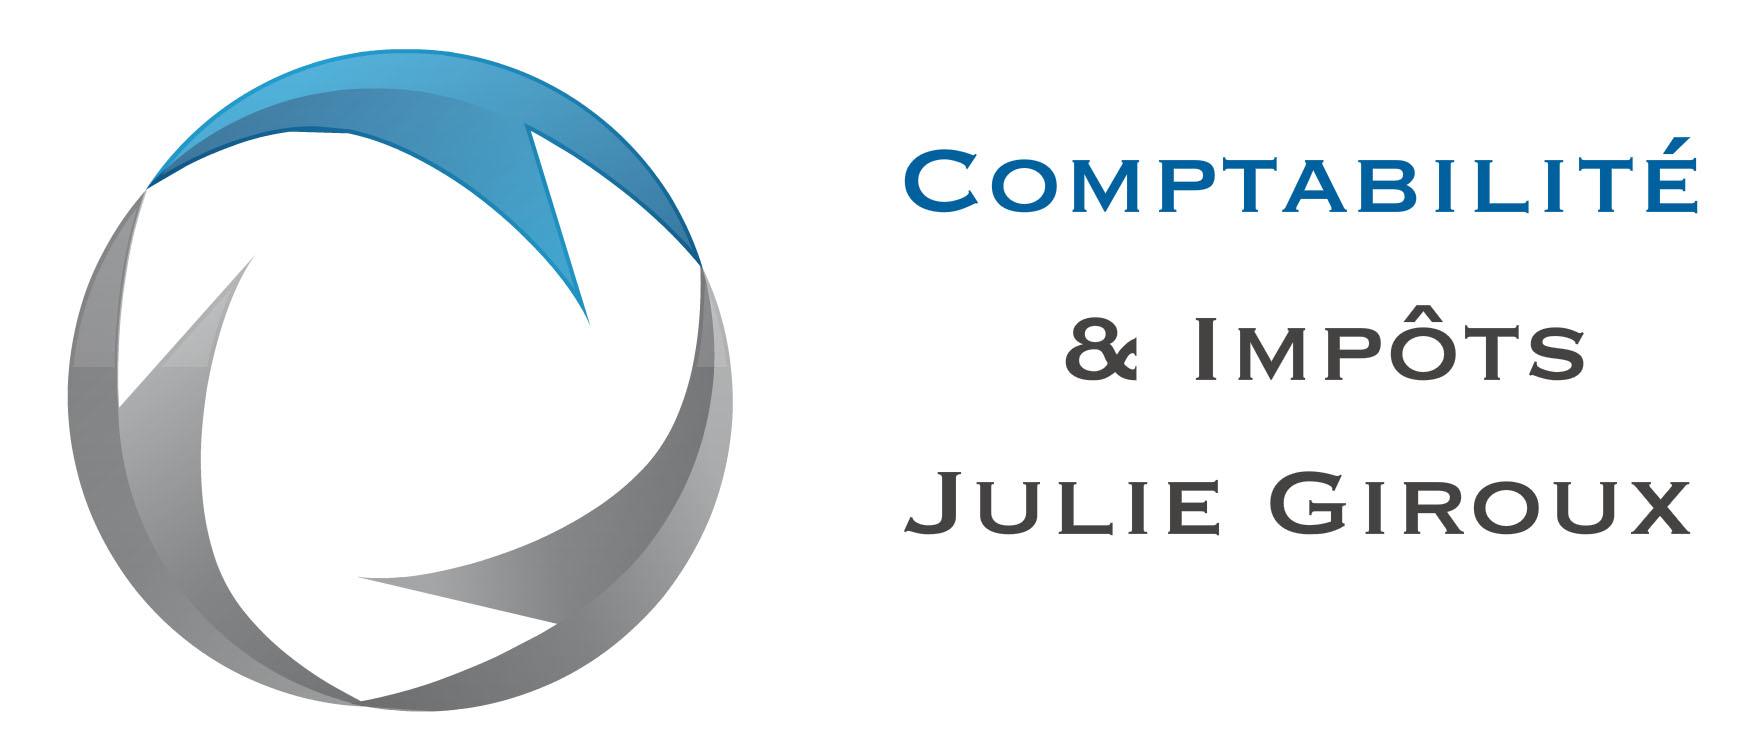 Comptabilité et Impôts Julie Giroux logo